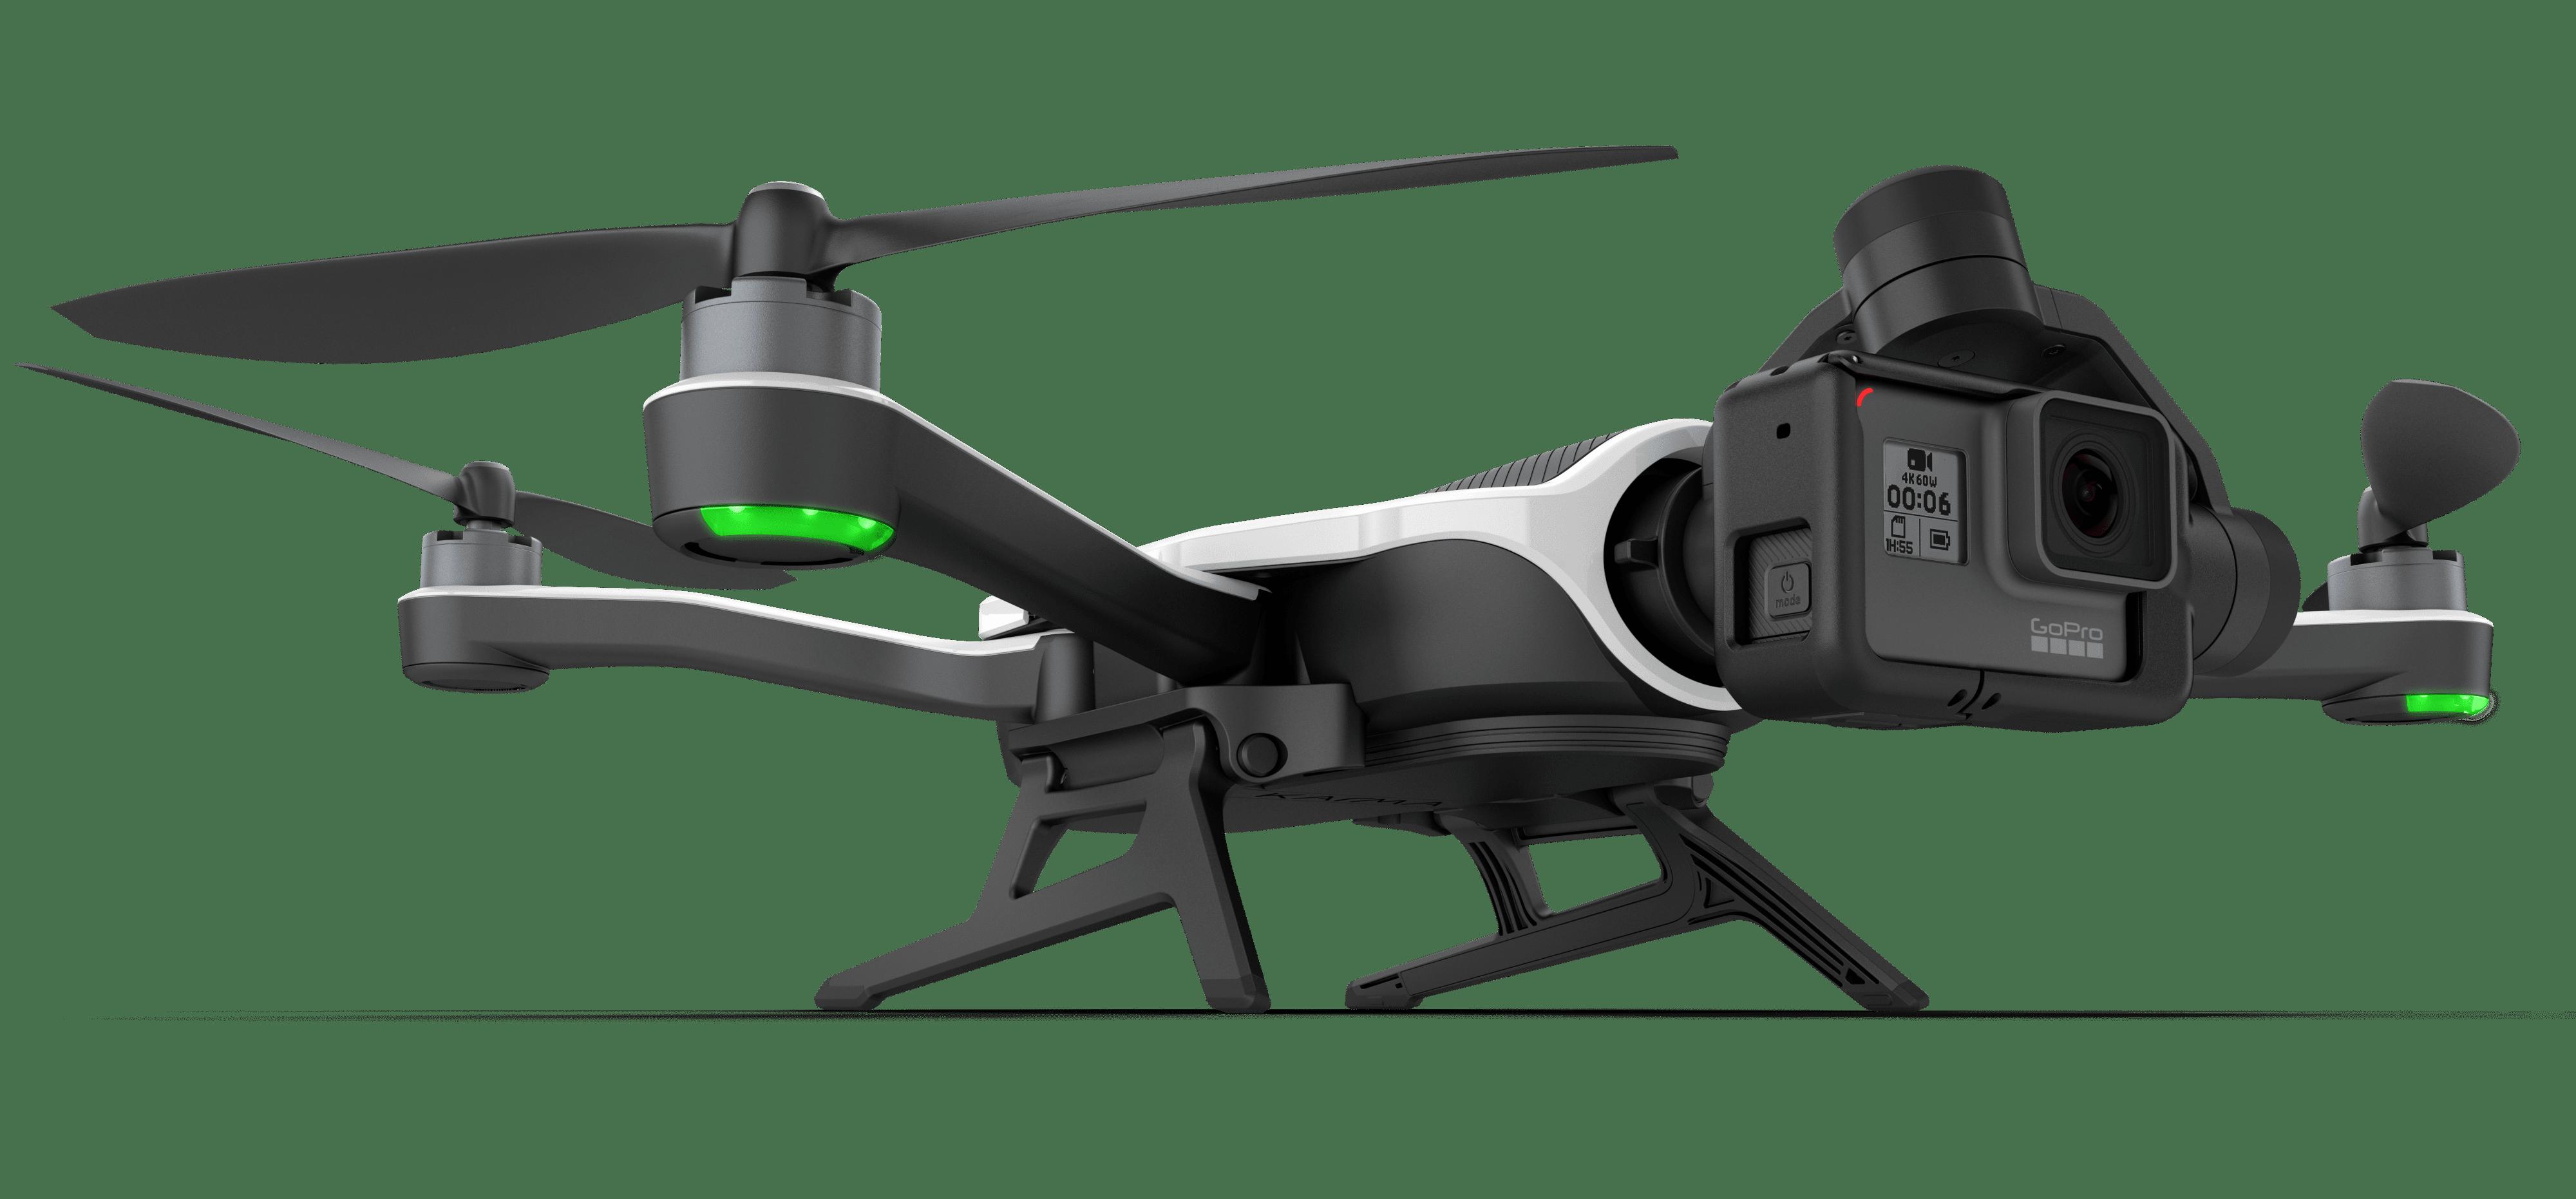 Karma karma: gopro vai demitir 300 funcionários da sua divisão de drones